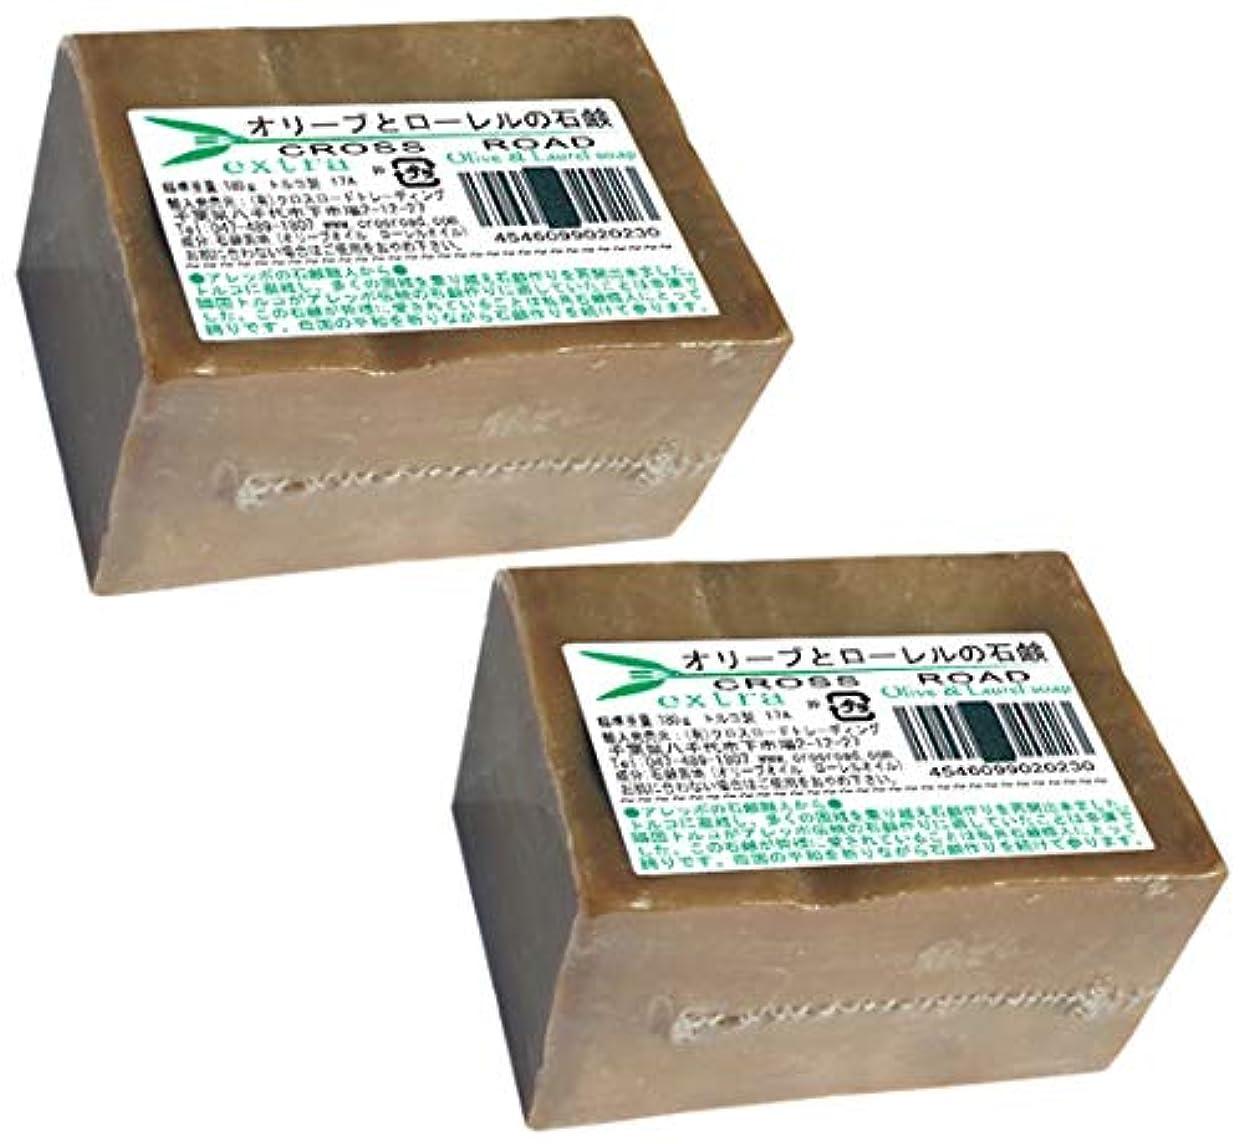 拮抗する発音するバスオリーブとローレルの石鹸(エキストラ)2個セット[並行輸入品]